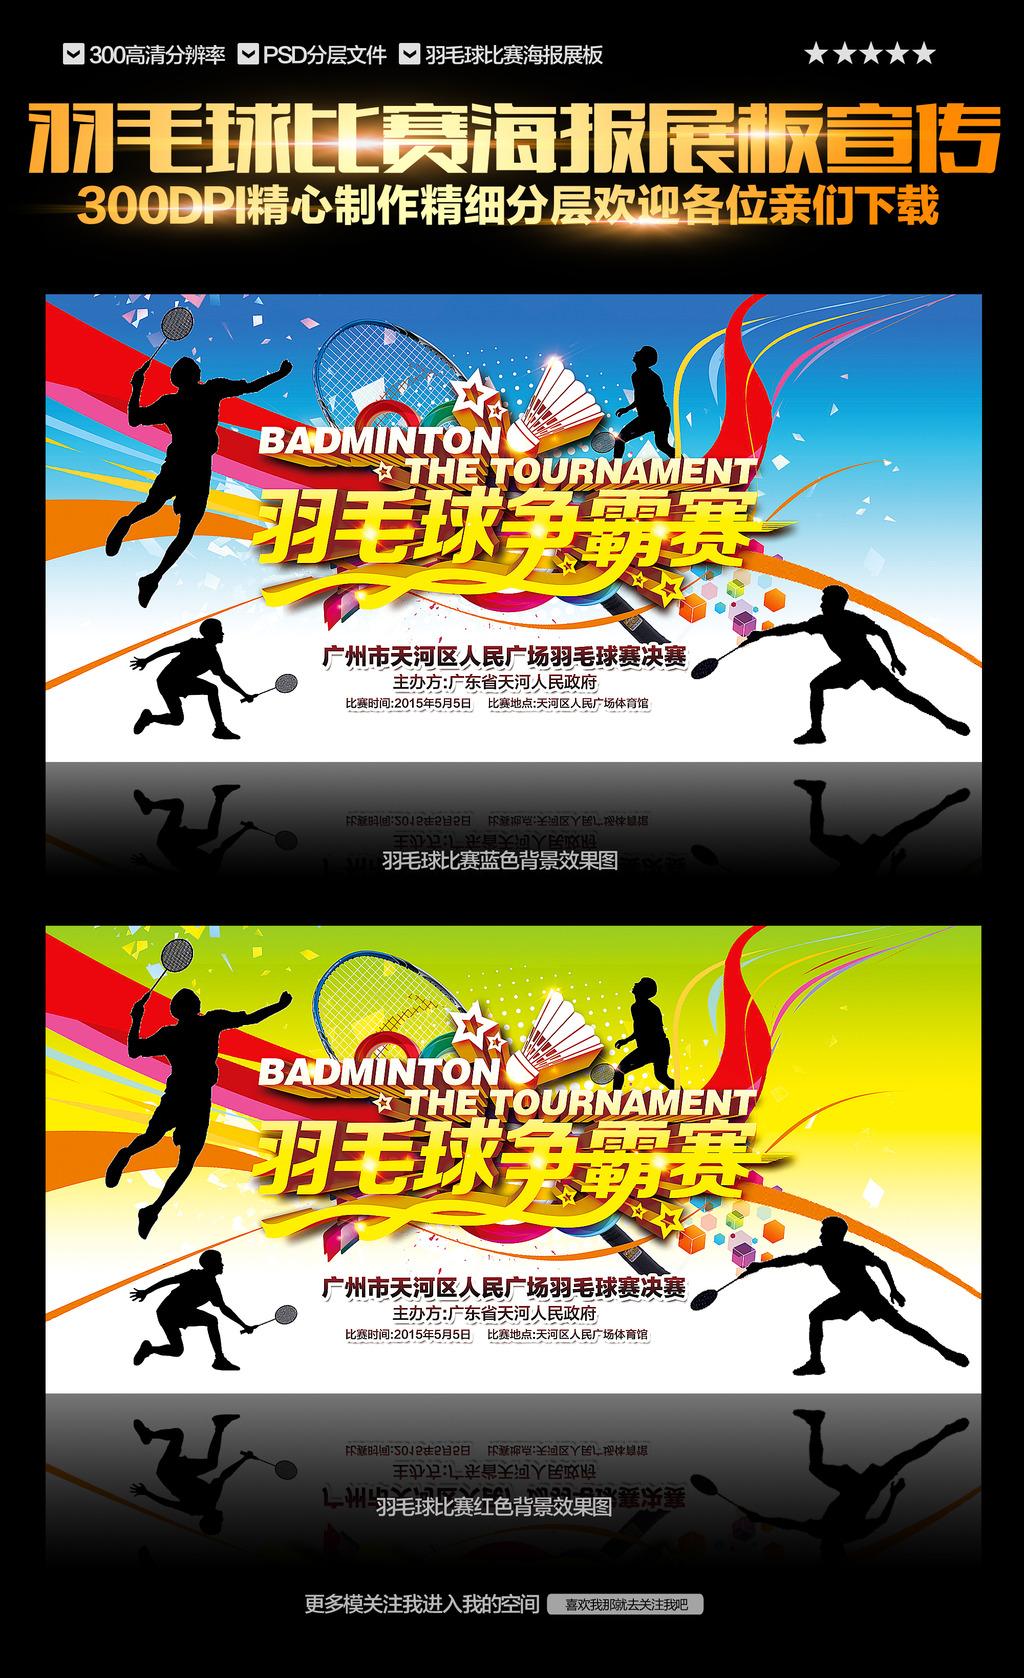 羽毛球海報展板羽毛球比賽